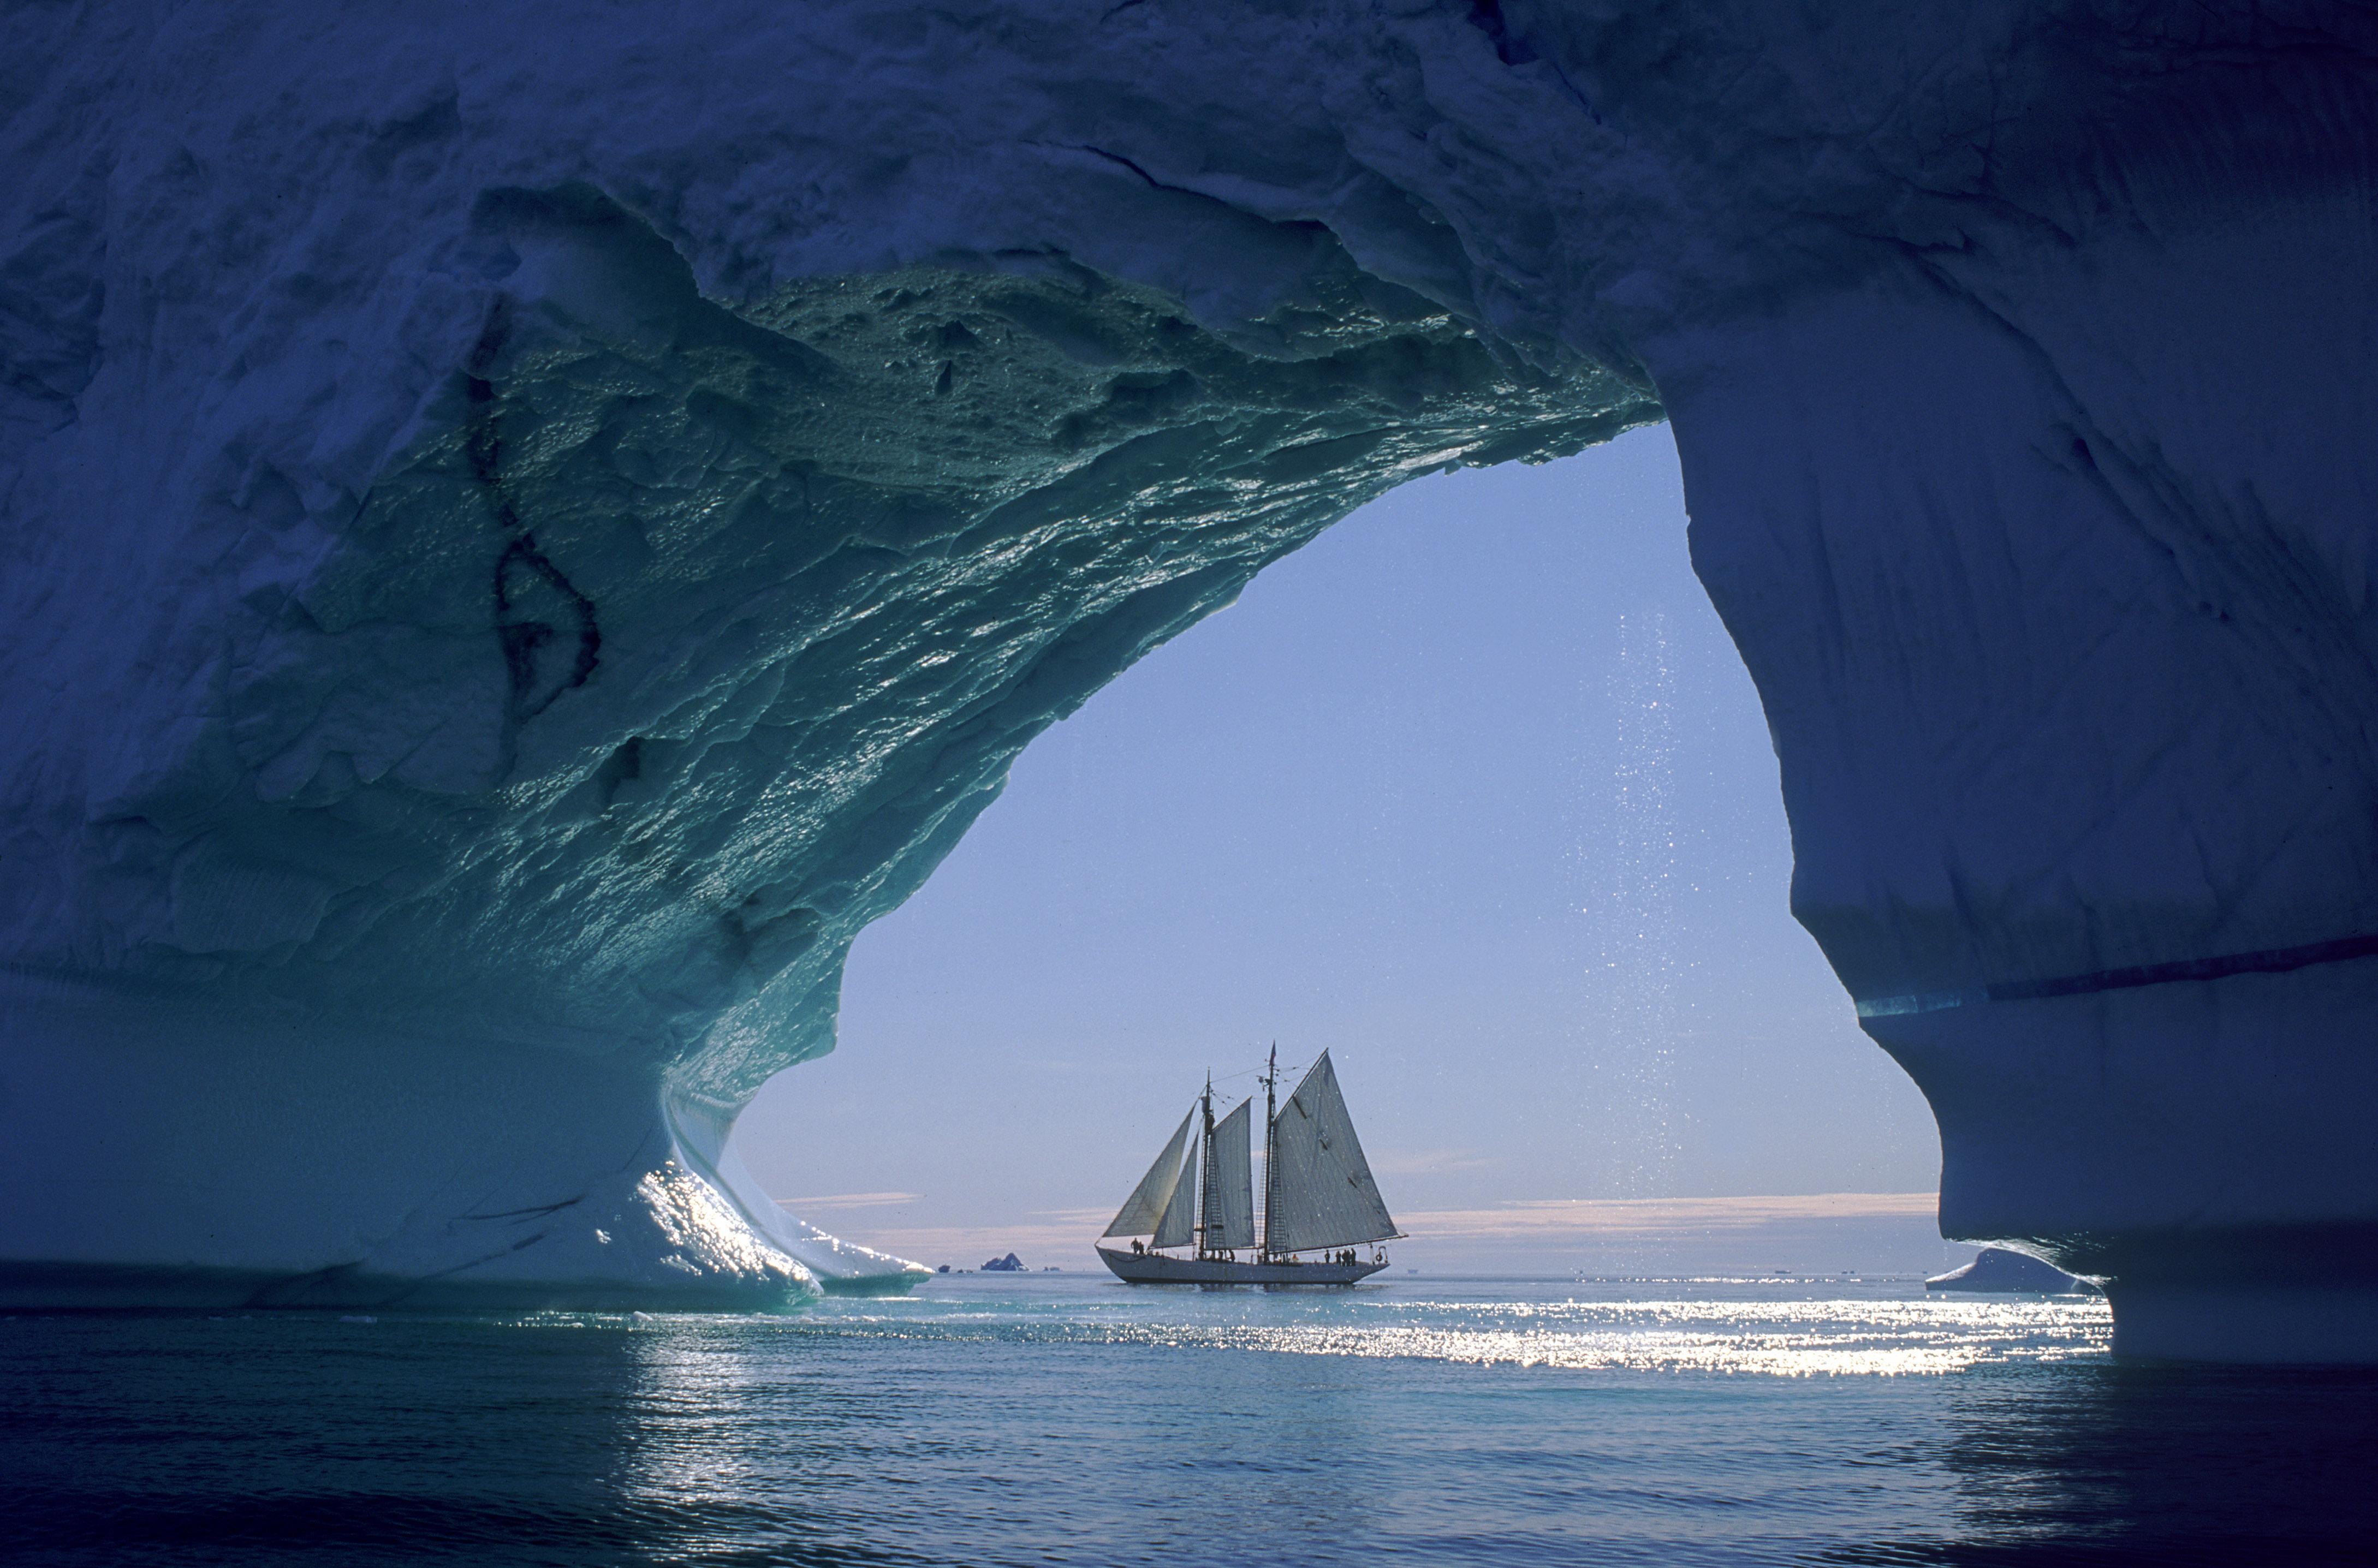 красивые морские картинки фото и обои на рабочий стол 1920х1080 № 76970  скачать